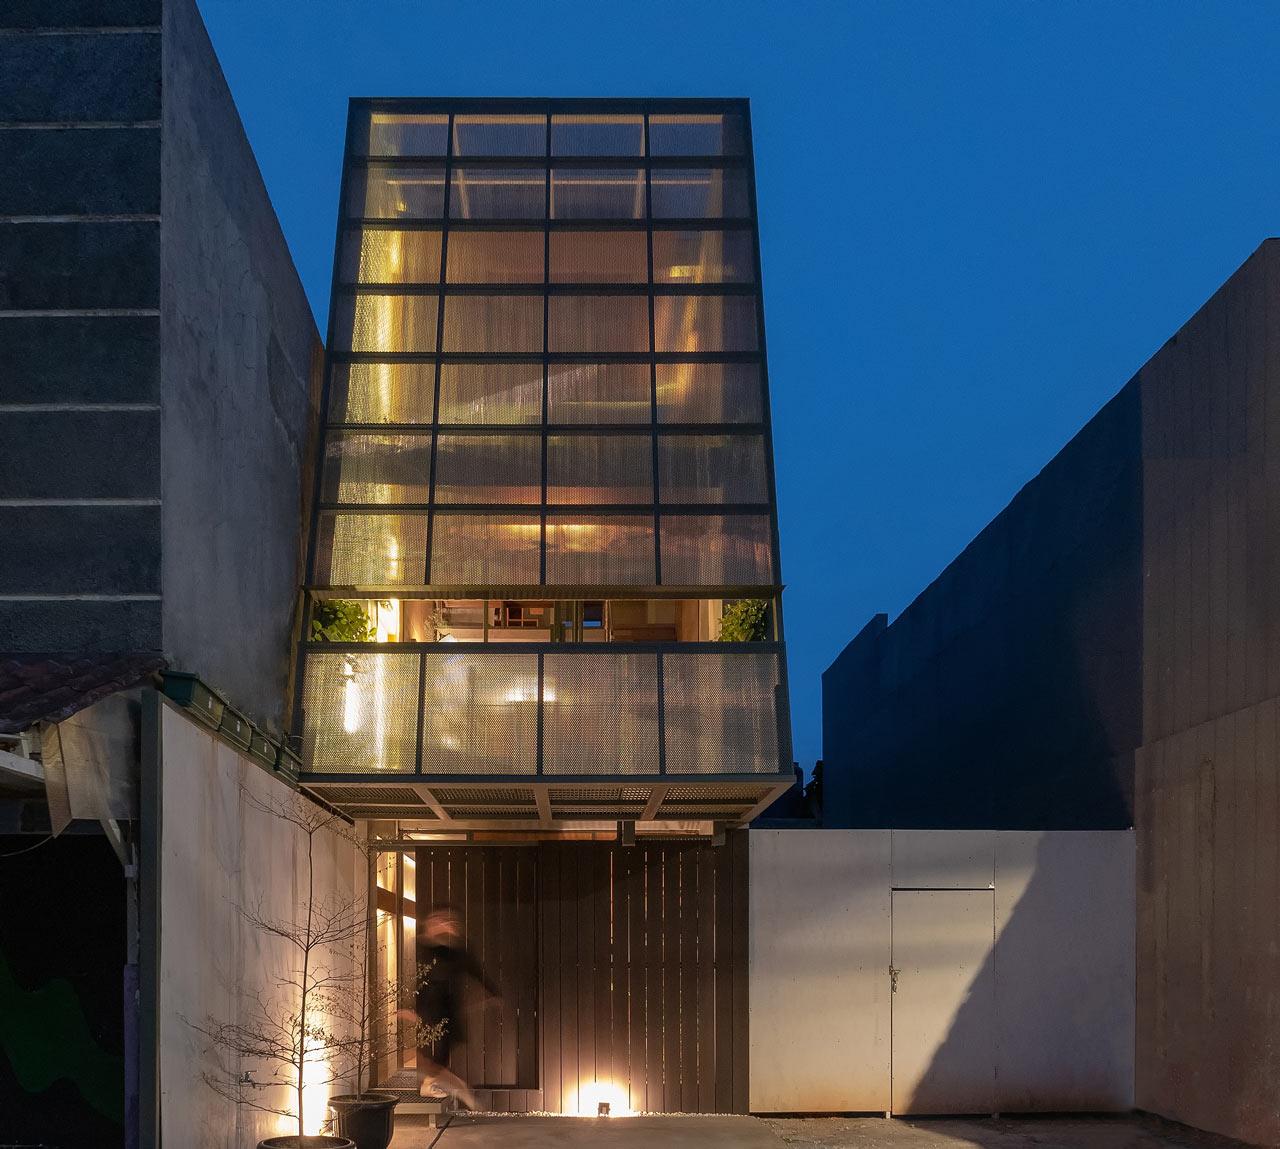 Arsitektur Rumah Sempit dengan Lebar 3,5 Meter yang Unik dan Kreatif | Foto artikel Arsitag